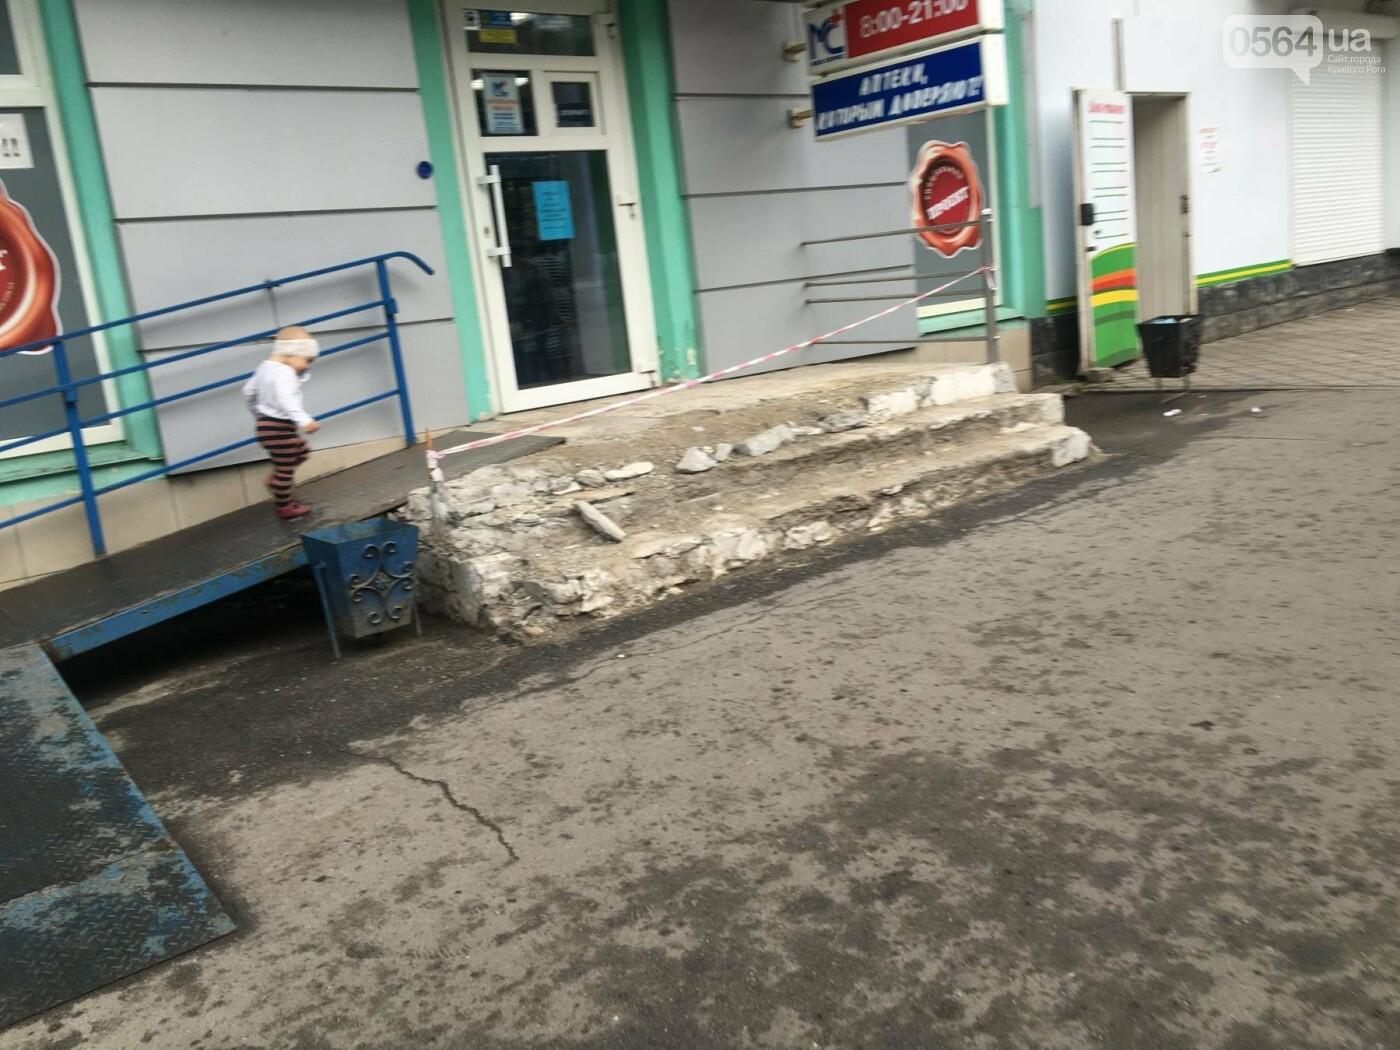 """""""Ждут штраф?"""": В Кривом Роге бизнесмены не спешат устанавливать урны возле своих магазинов, - ФОТО, фото-15"""